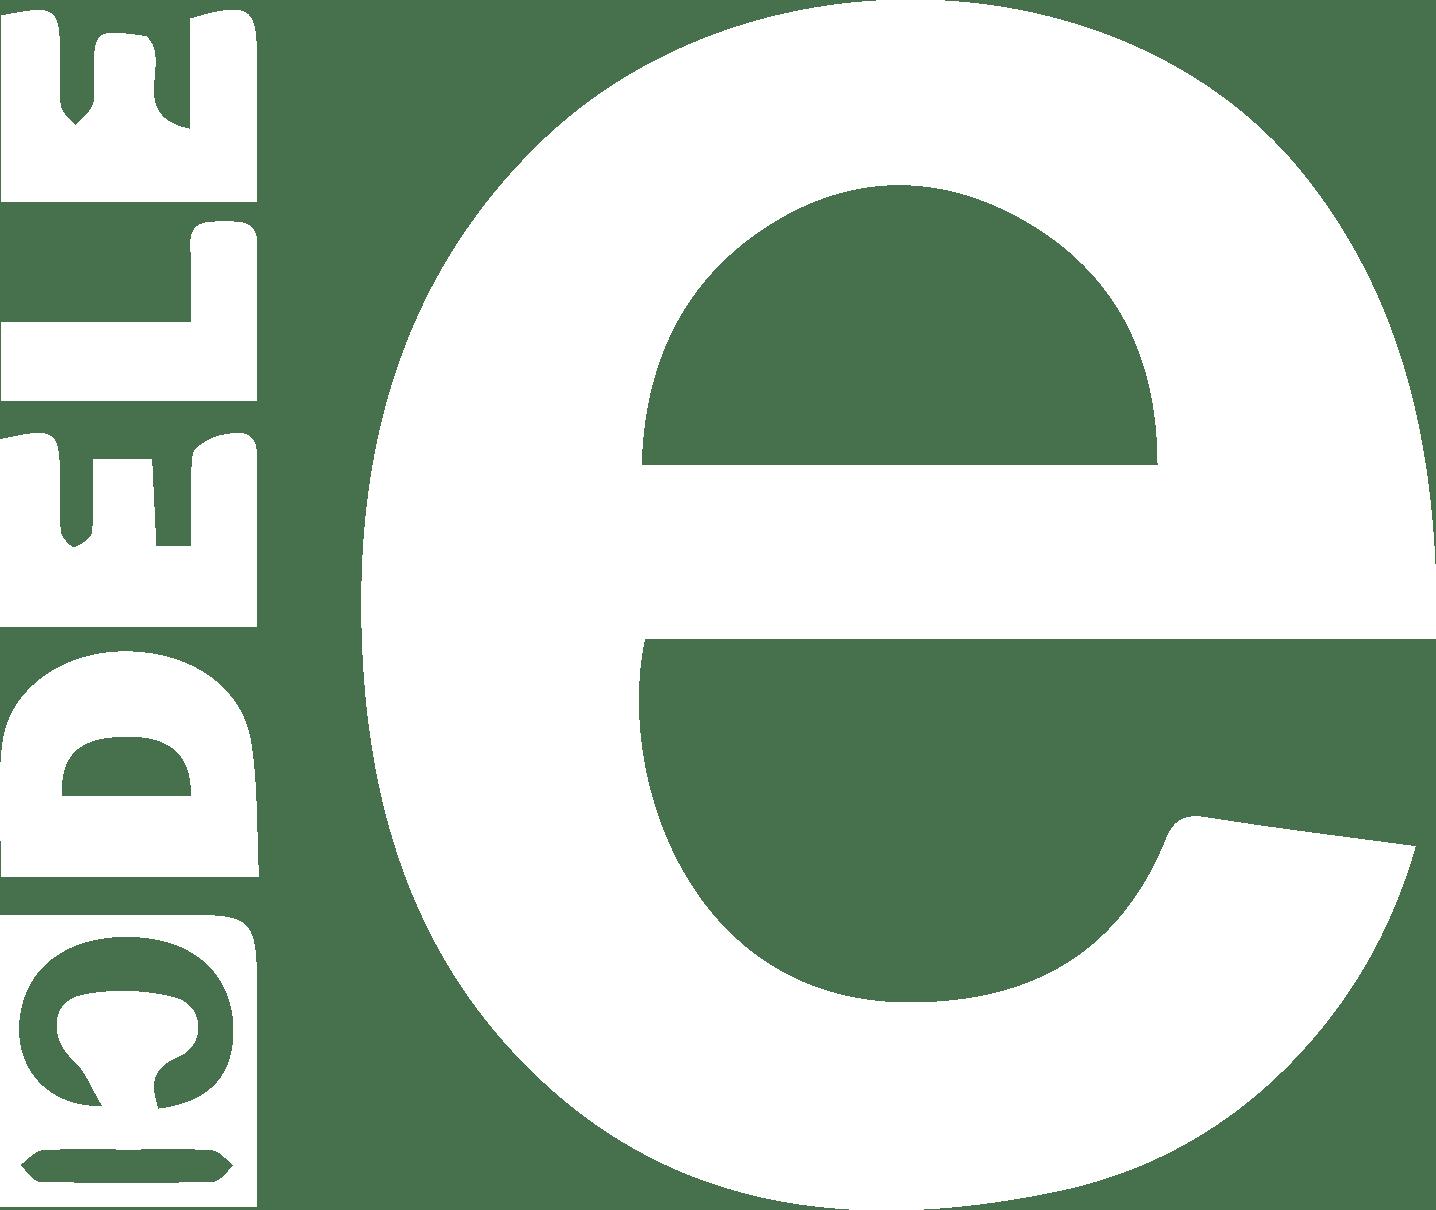 logos examenes en blanco-03